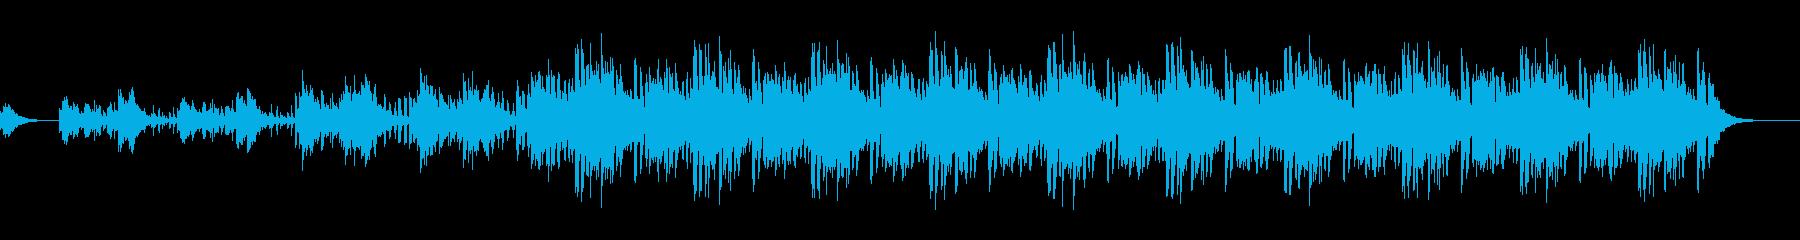 ハイテンポノービートバージョンの再生済みの波形